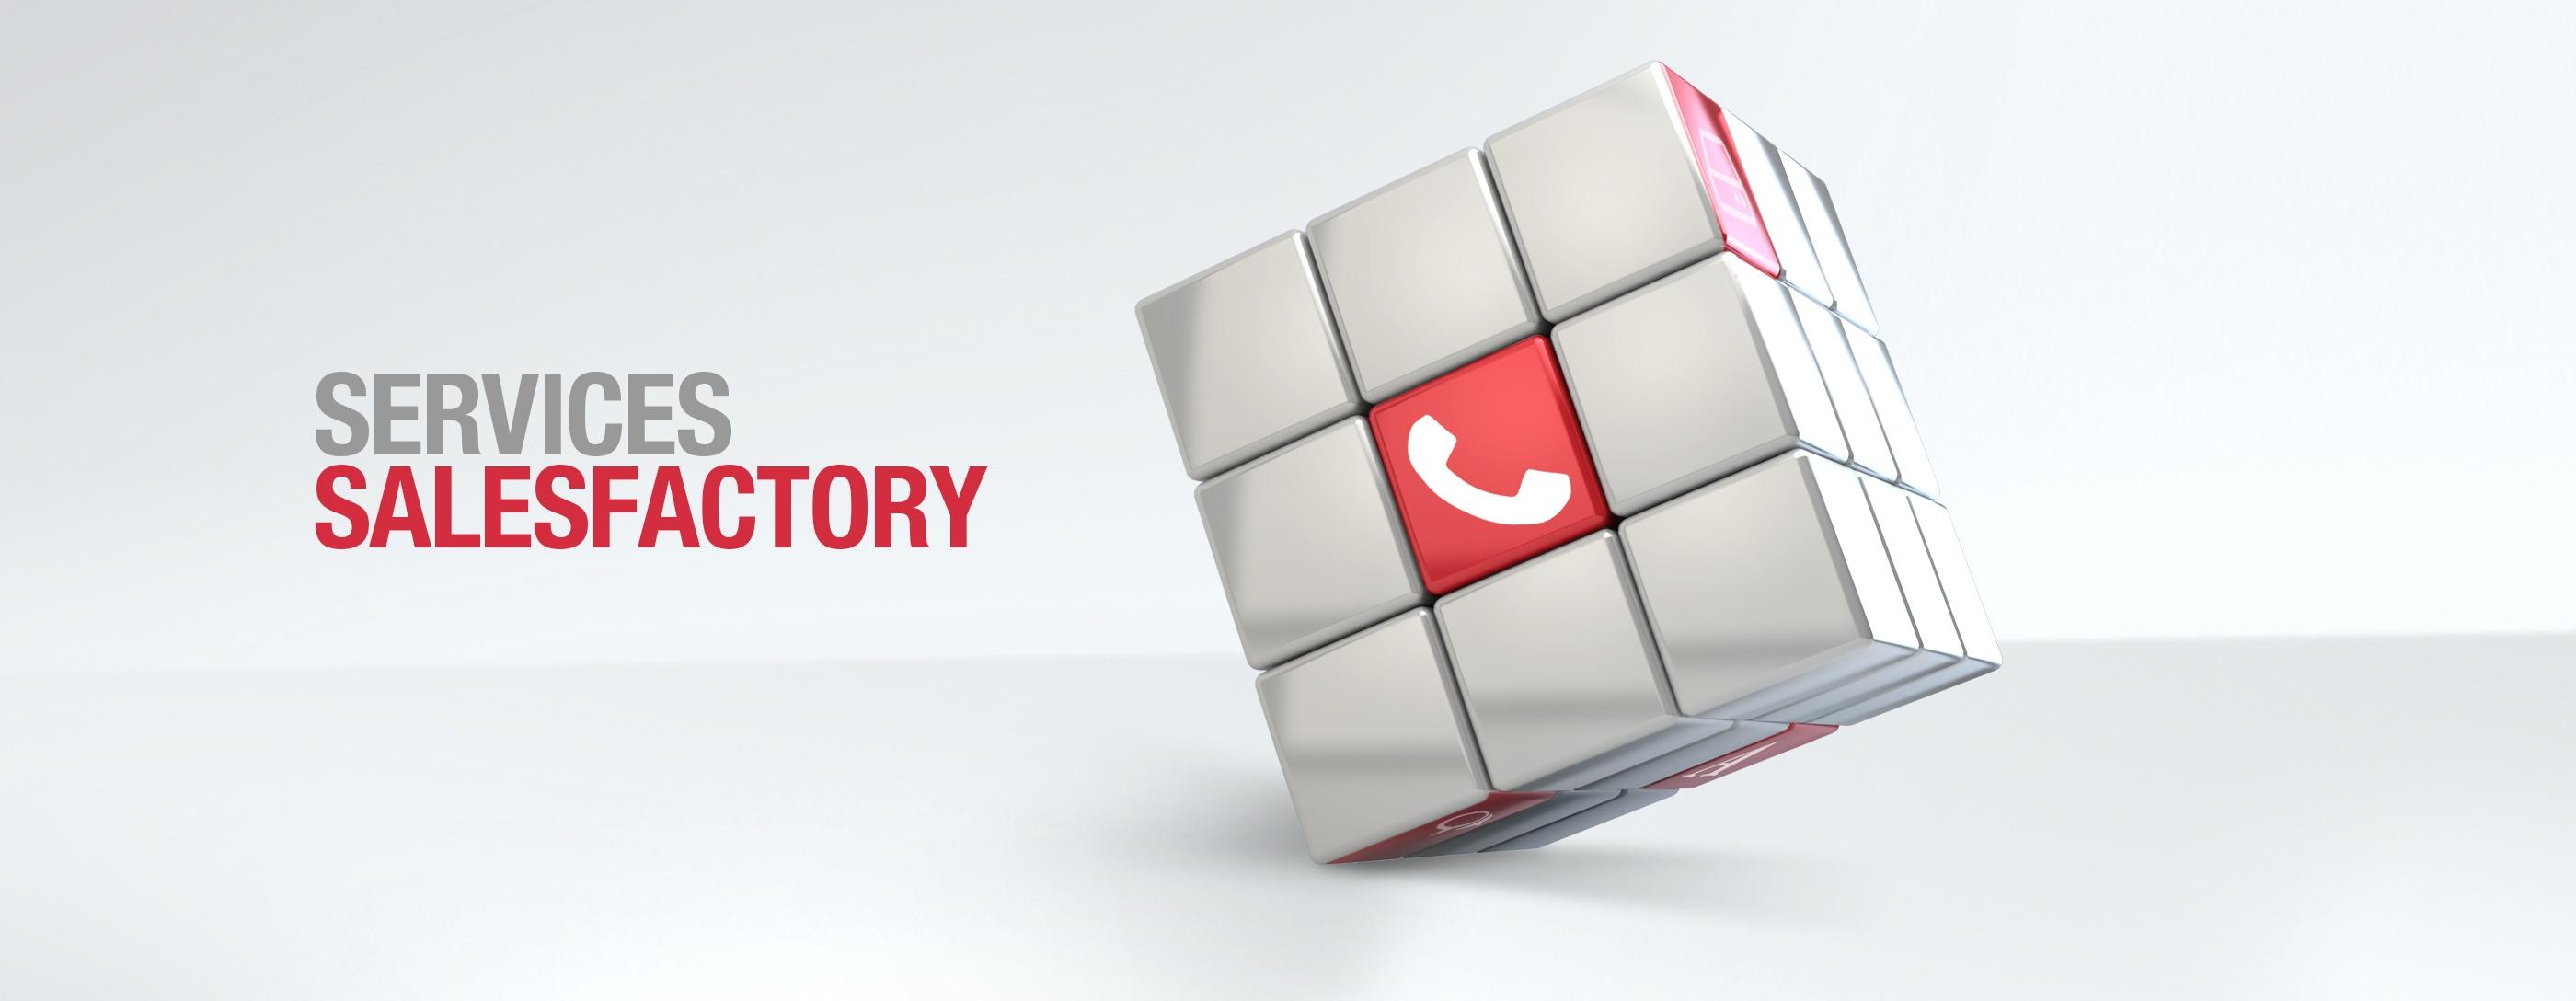 140408_salesfactory_EN.jpg